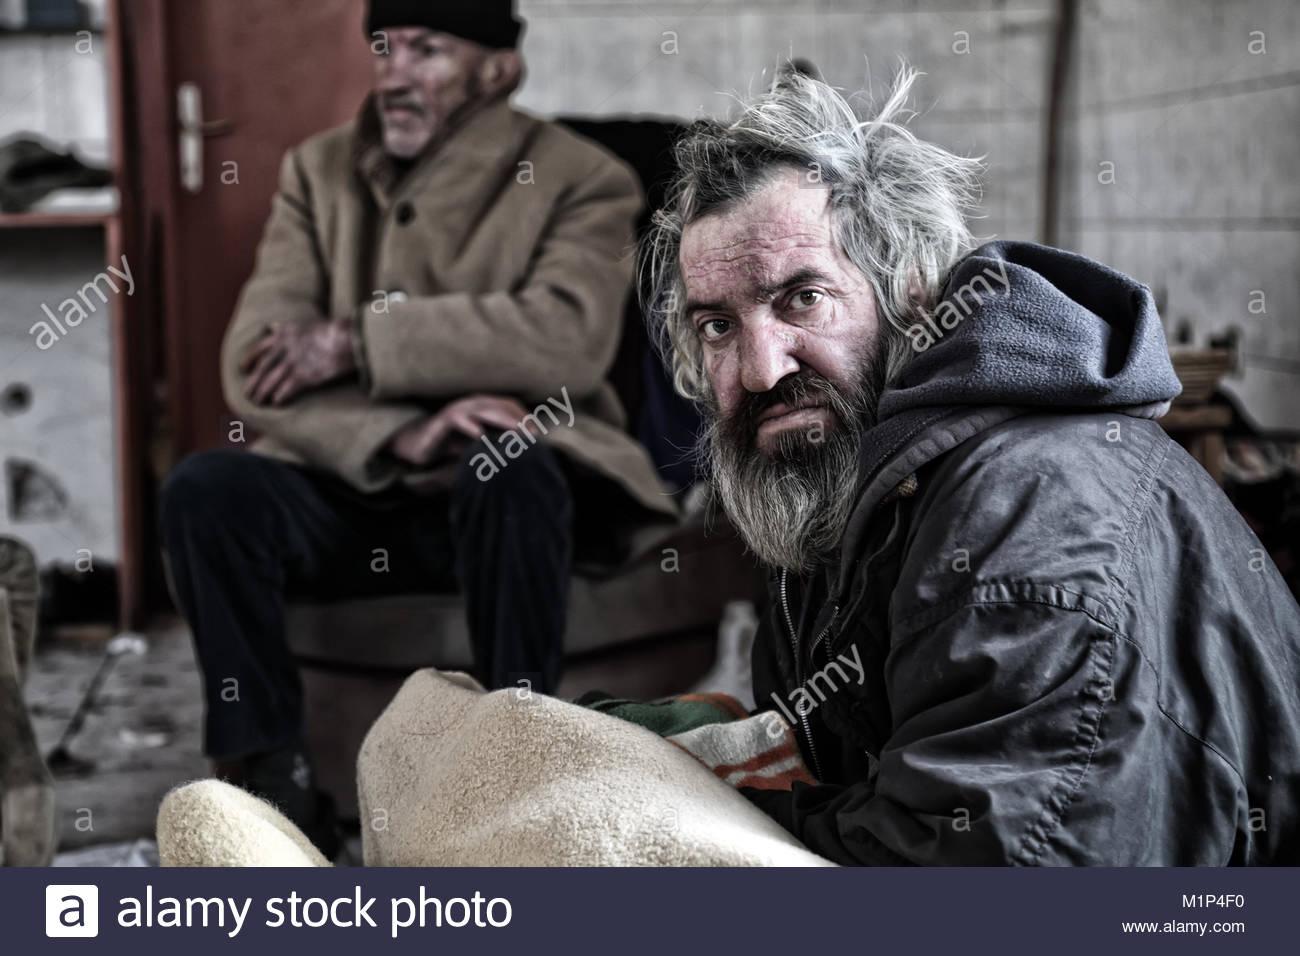 Homeless men sitting in abandoned house - Stock Image